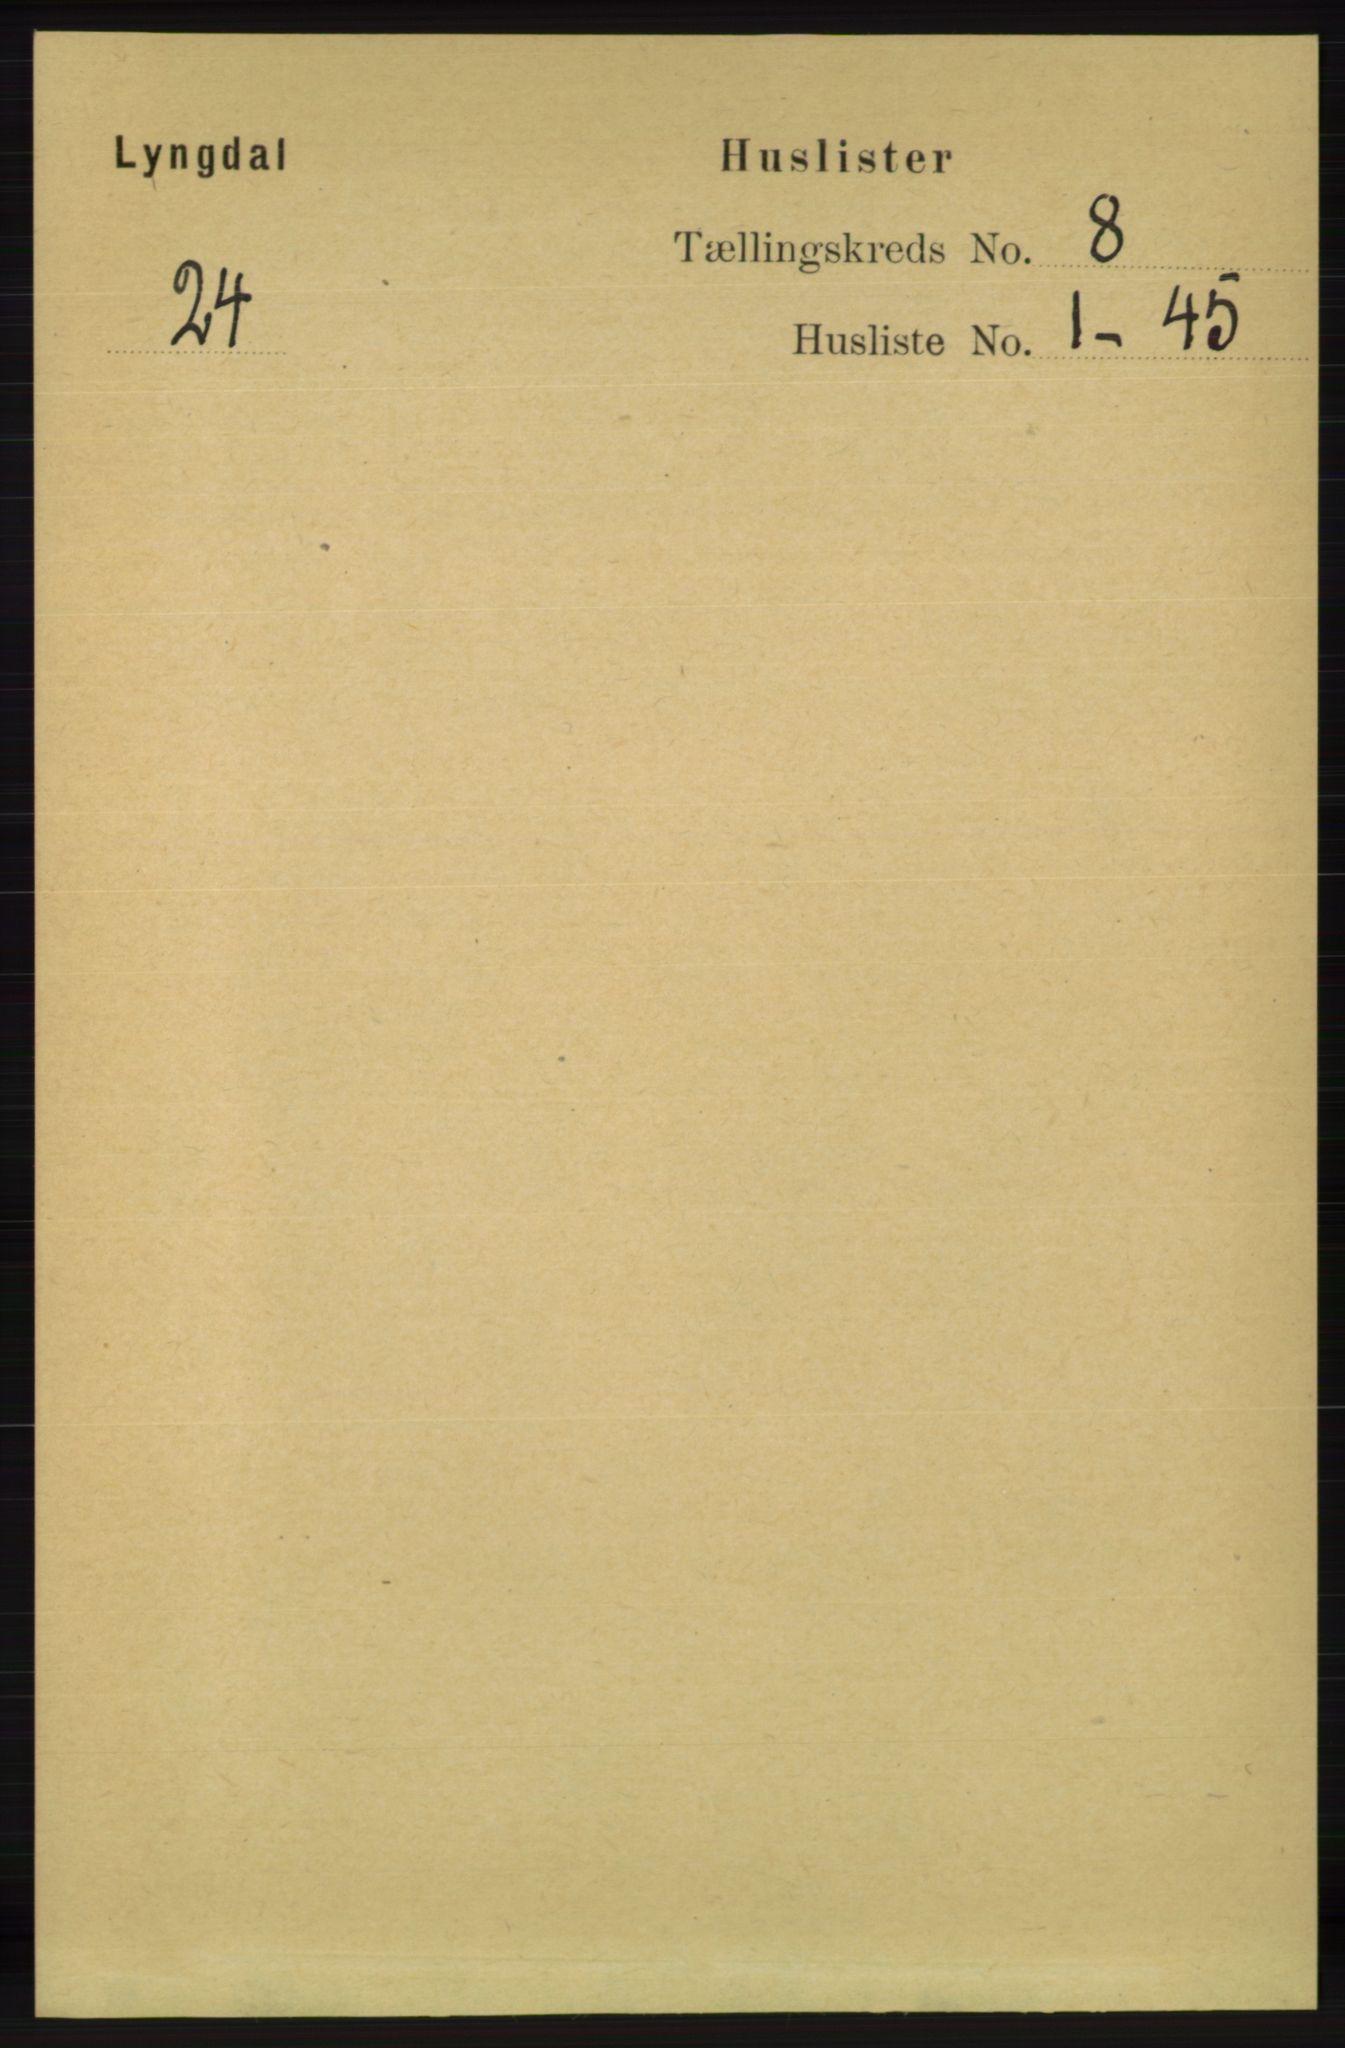 RA, Folketelling 1891 for 1032 Lyngdal herred, 1891, s. 3328